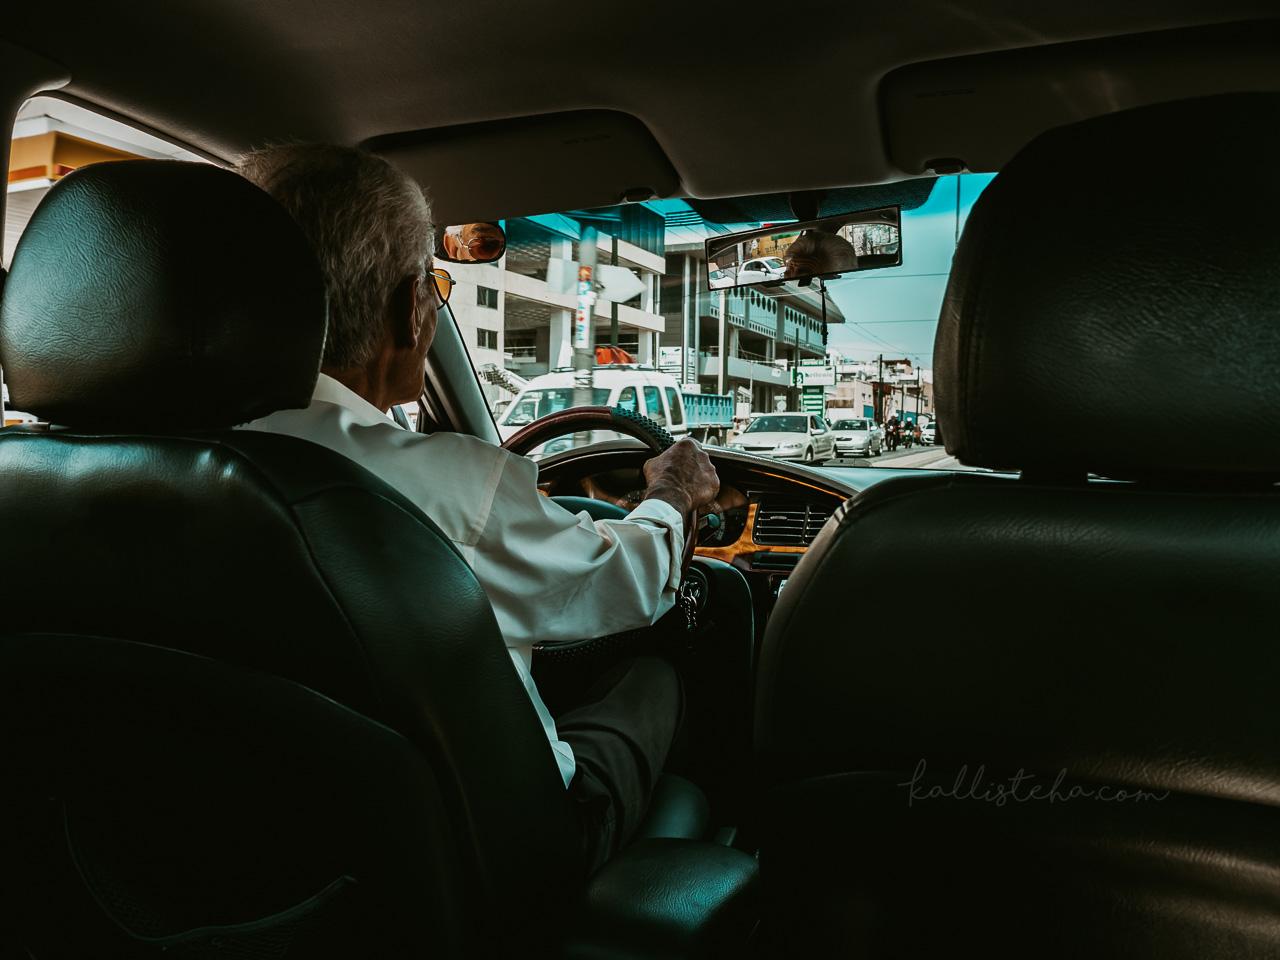 Quand Teris, chauffeur de taxi, devient ton guide touristique pour ta journée à Athènes. De l'Acropole au stade panathenaique en passant par le Zappeion, il aura su me souffler toutes ses bonnes adresses ! - Kallisteha, voyages et vérités